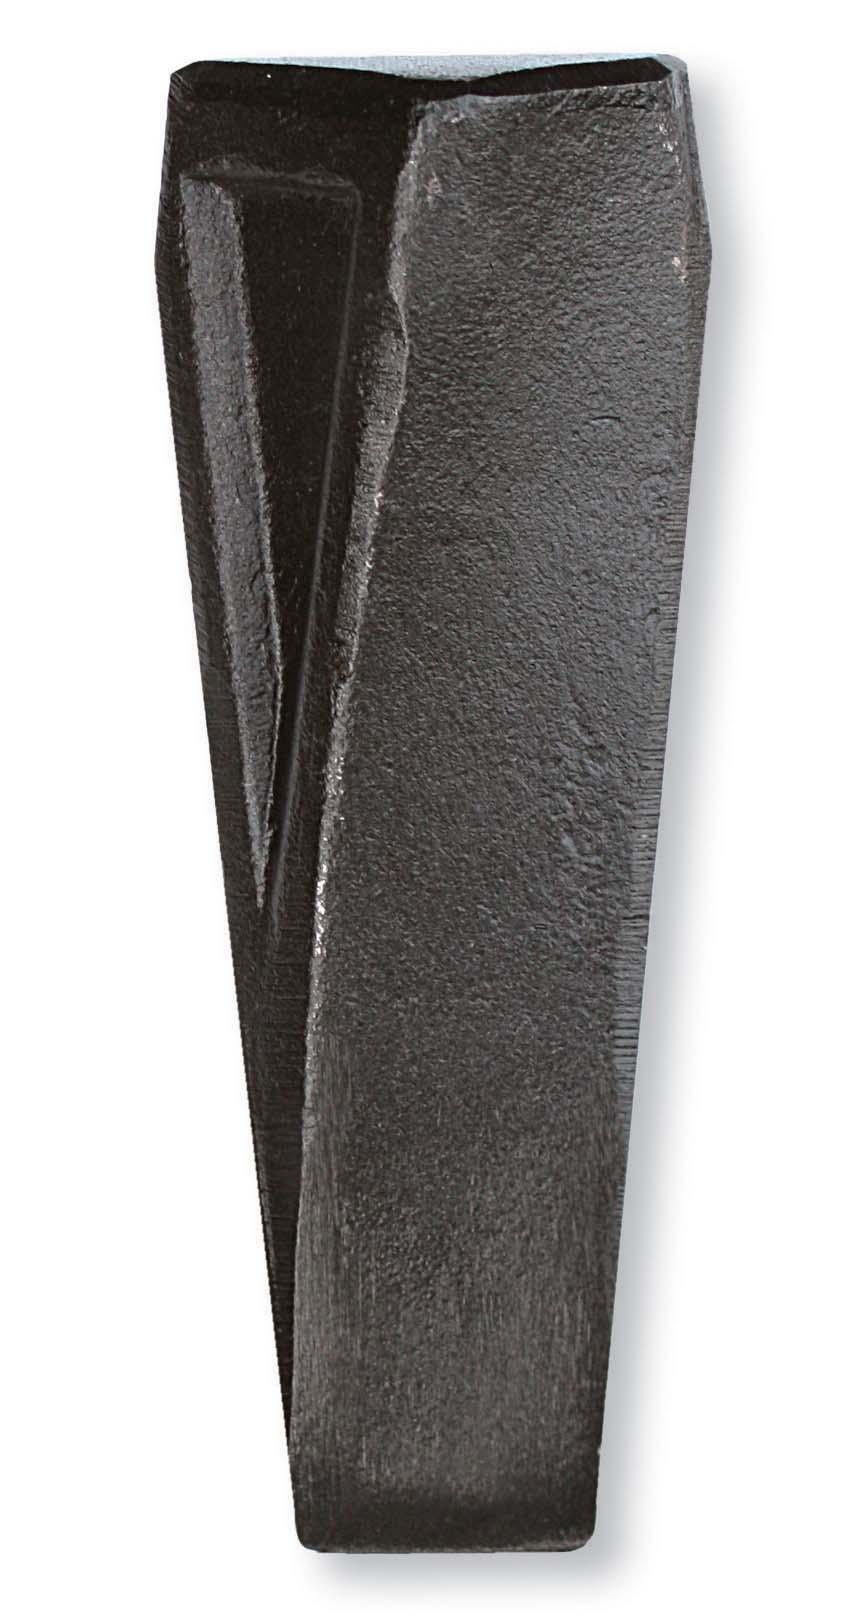 SNW2 割り裂き力に優れた薪割りくさび。 くさび頭が大きく、ハンマーの当たりが良いデザイン。 薪割りでは割り切れない時に。(フランス製) 刃先:42×215mm 重量:2000g 材質:鉄